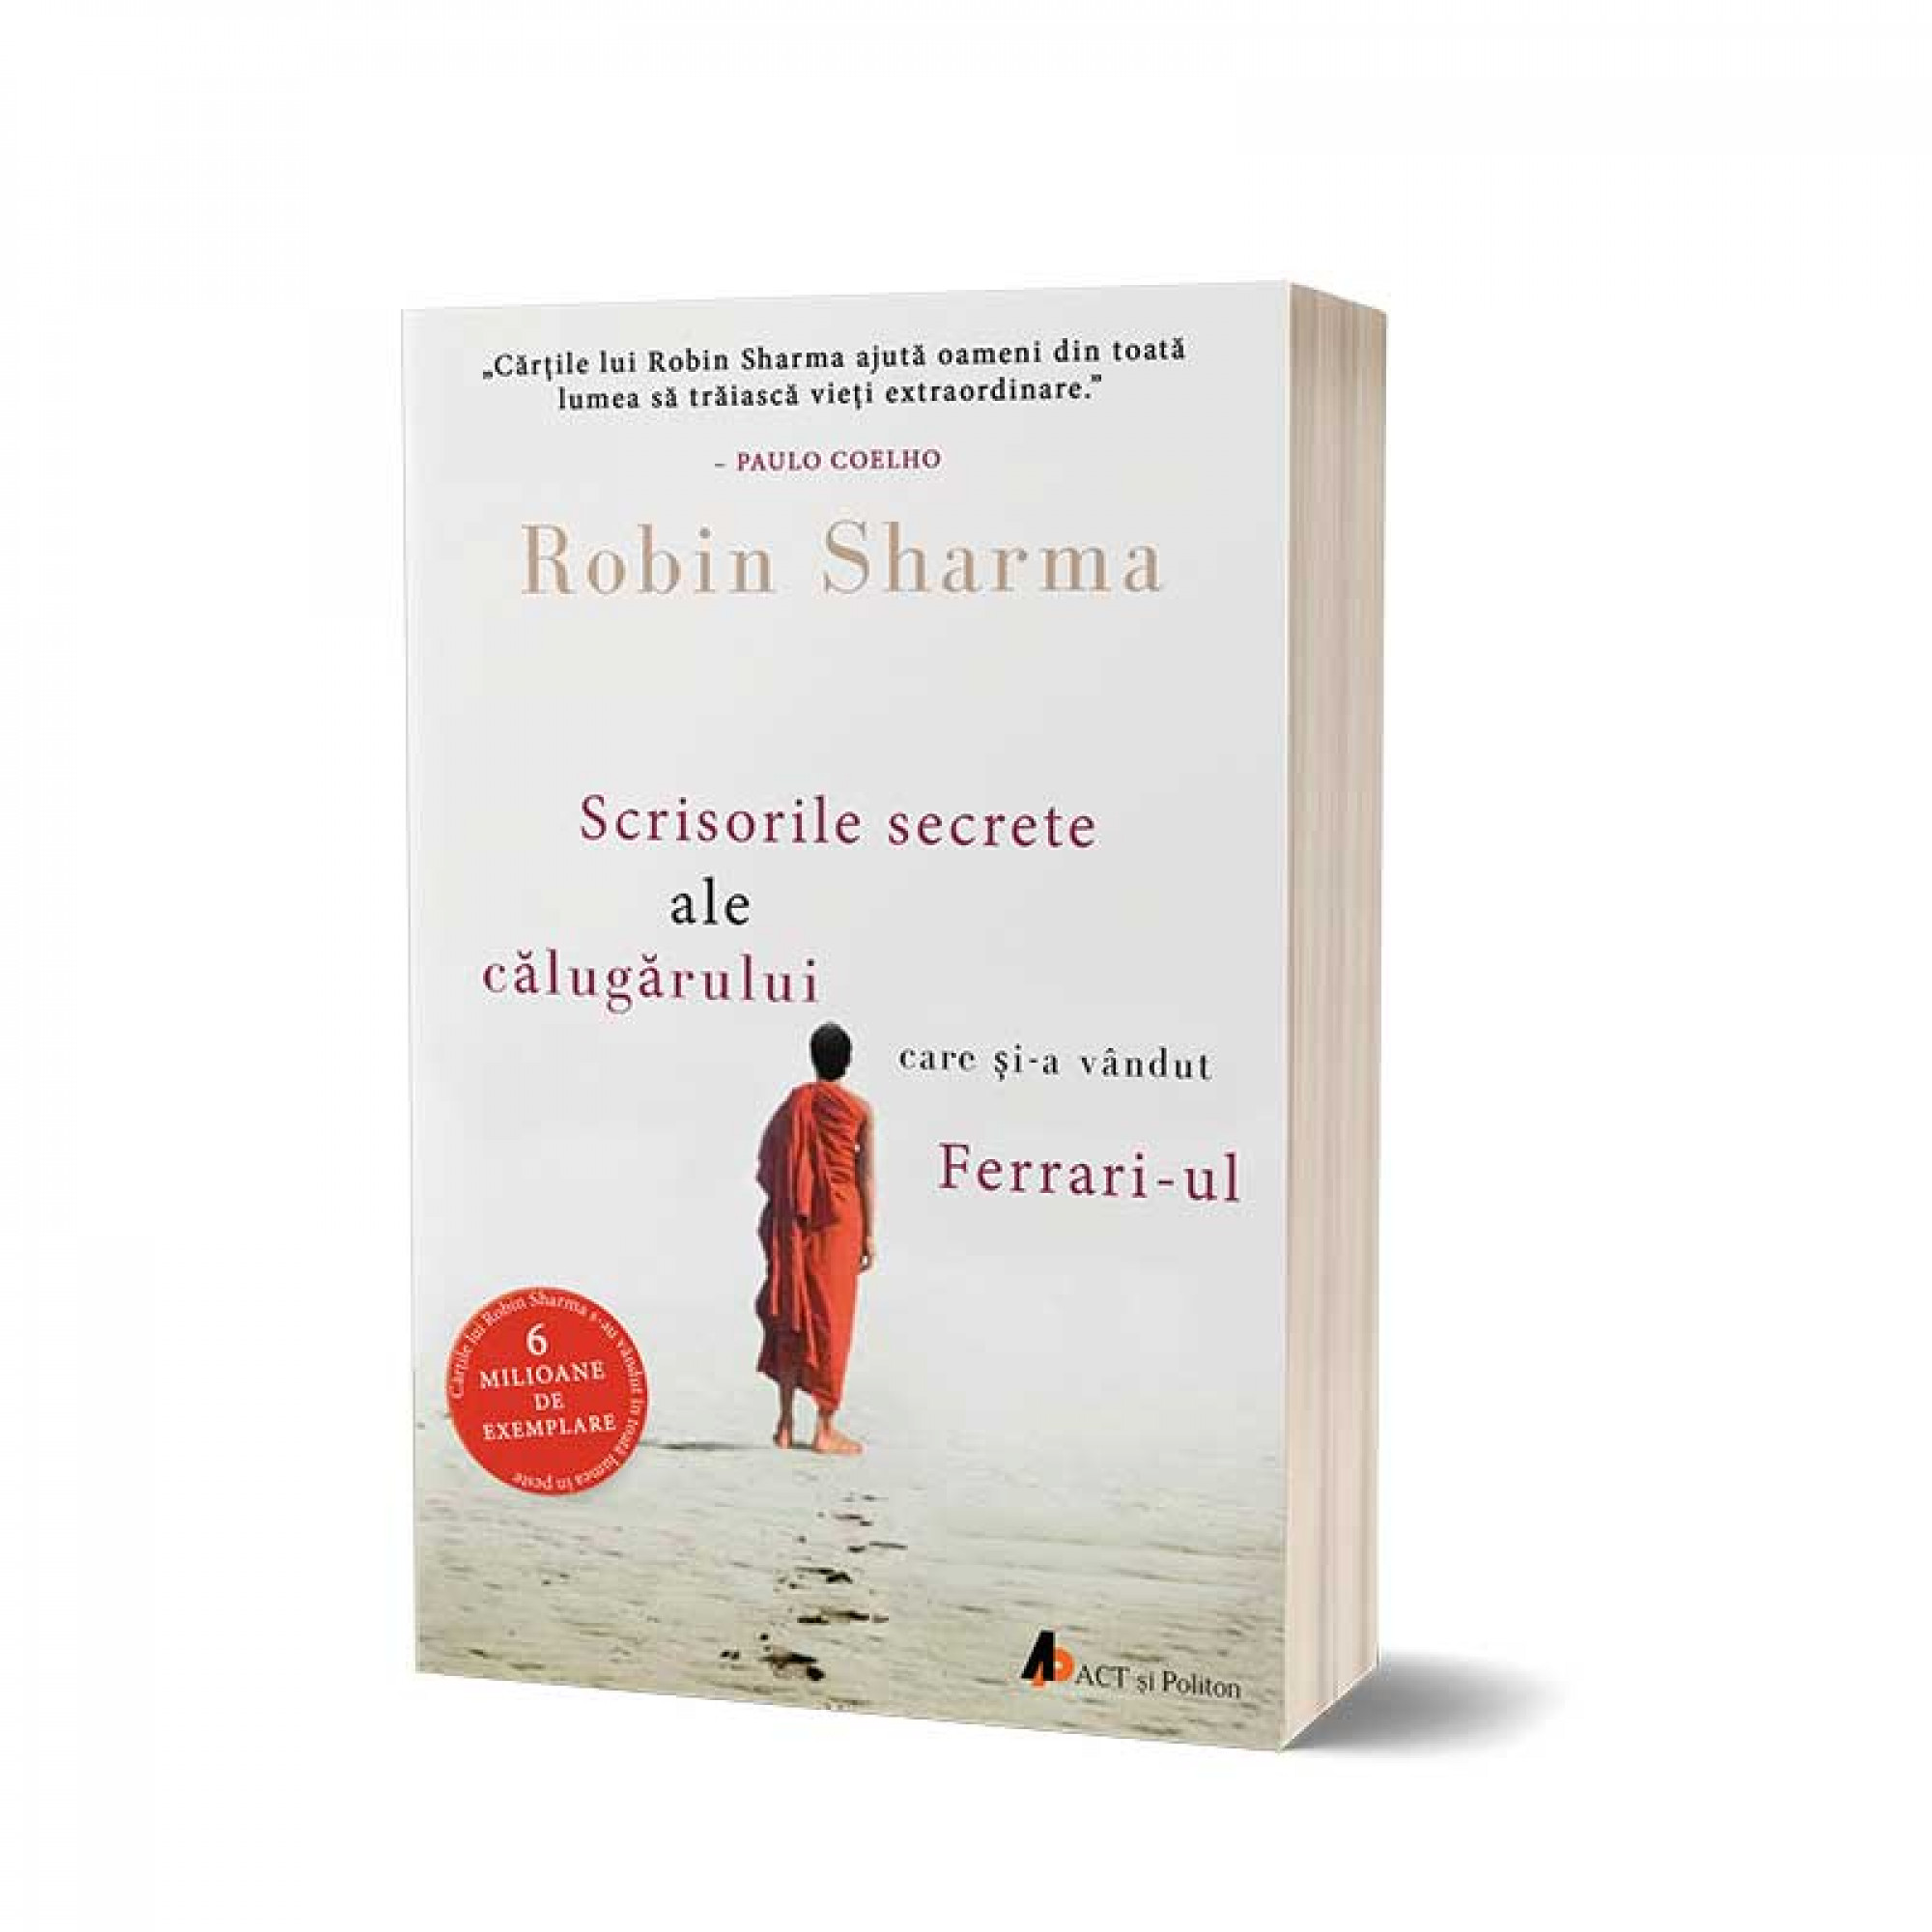 Scrisorile secrete ale călugărului care și-a vândut Ferrari-ul